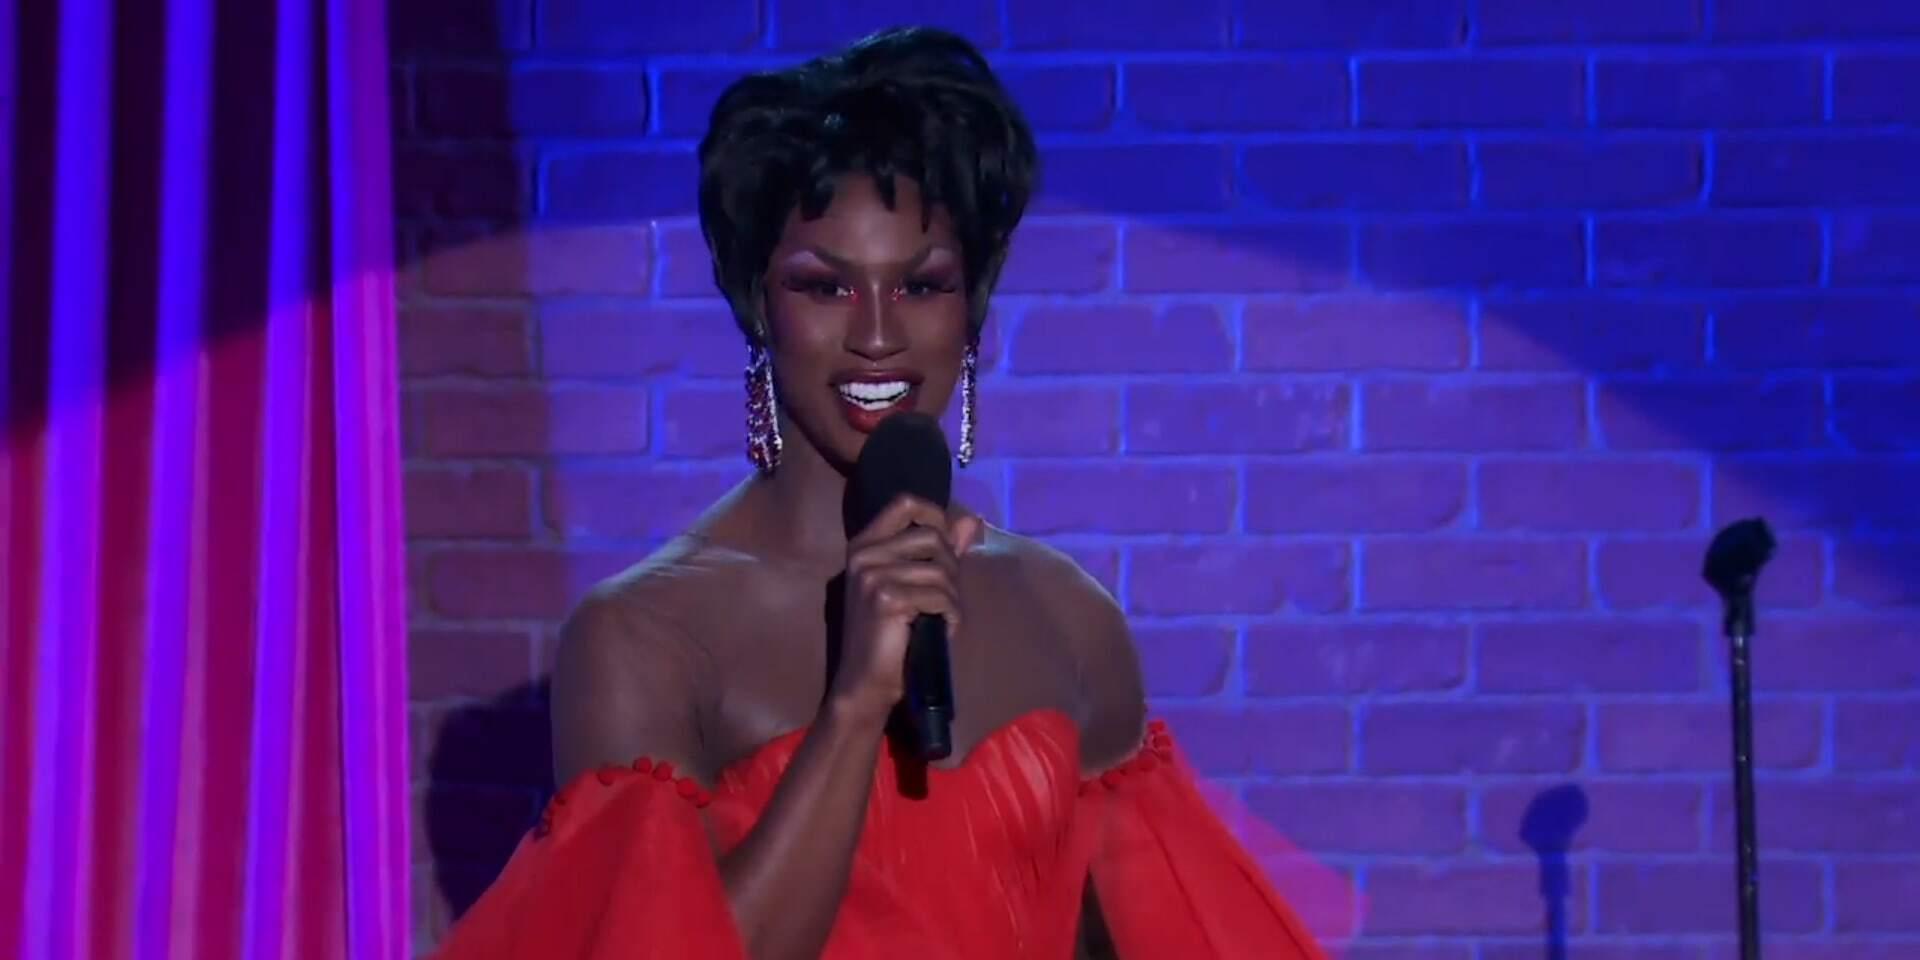 RuPaul's Drag Race All Stars Season 5 Episode 8 Finale